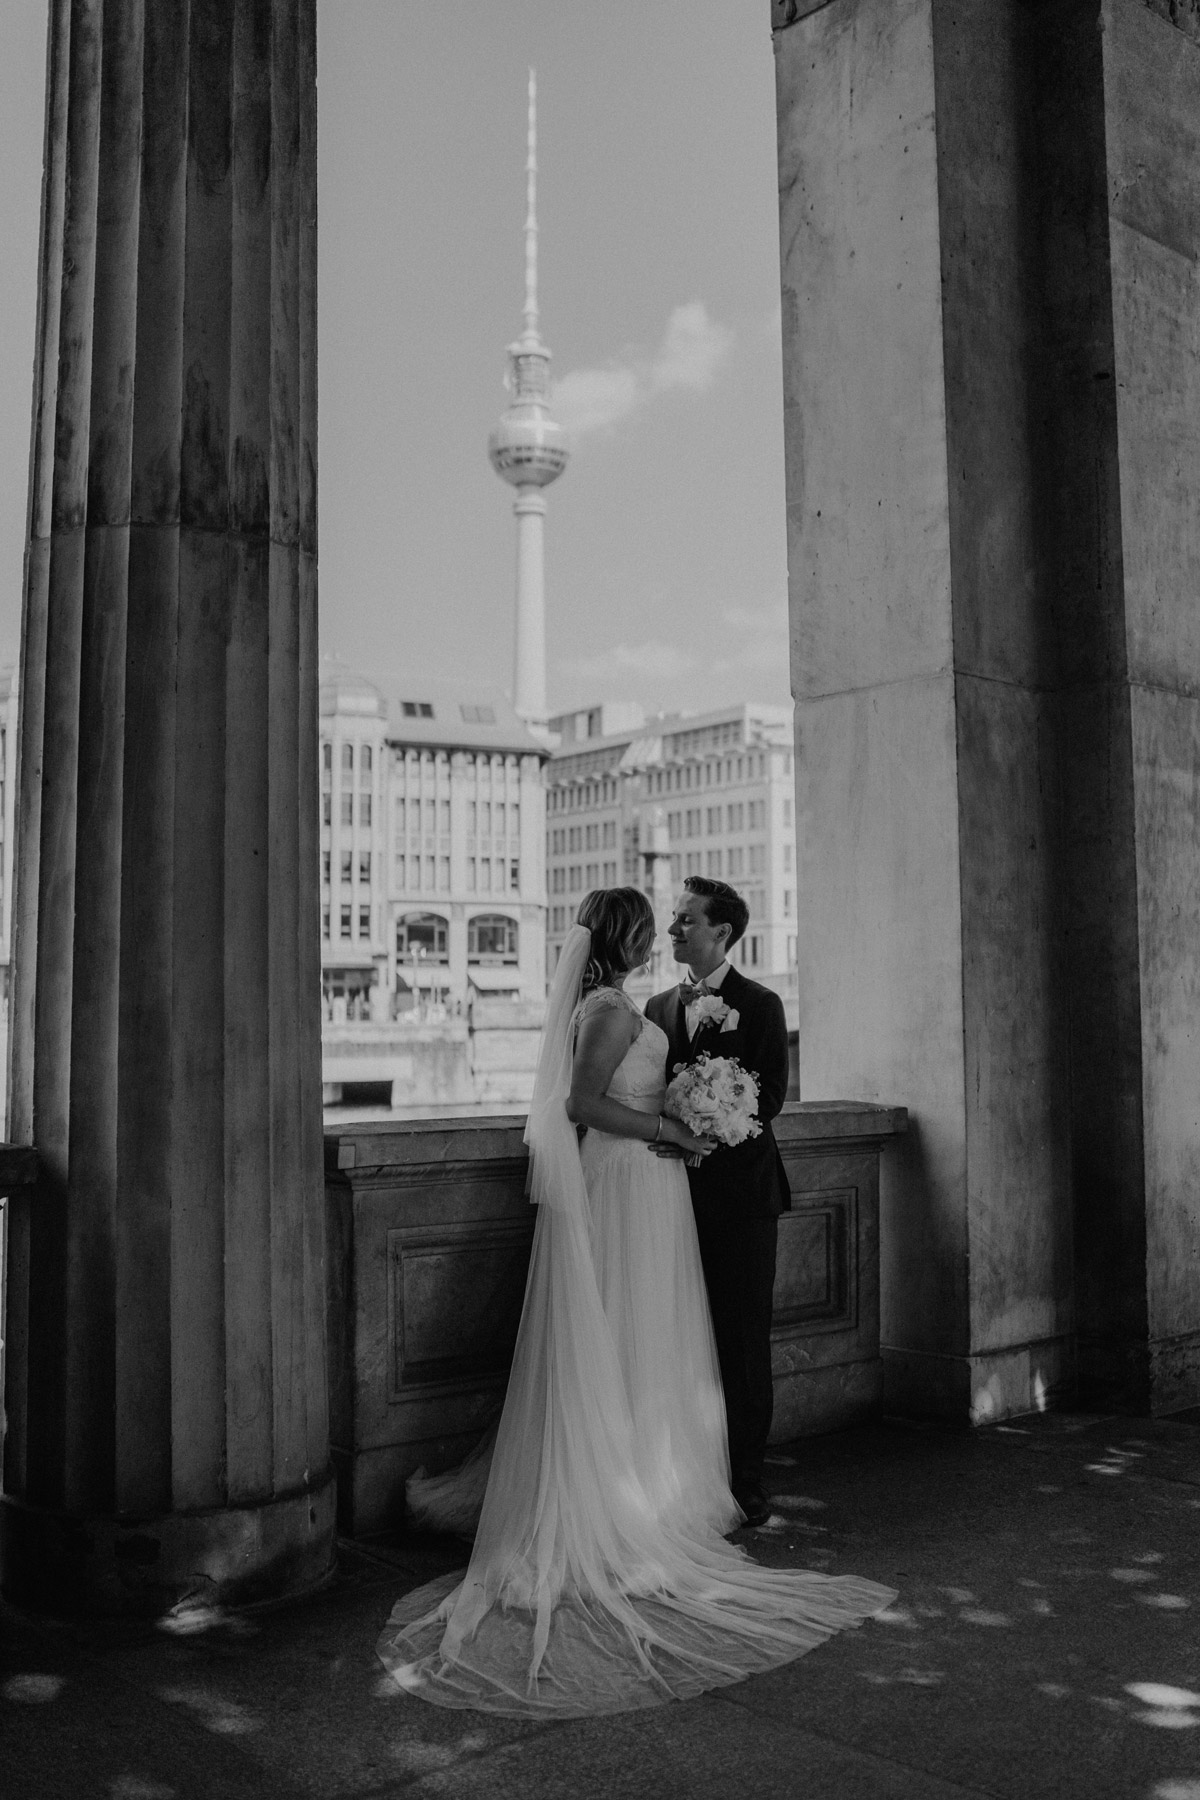 Brautpaar vor Fernsehturm Hochzeitsfoto Idee nach Standesamt Trauung in Kirche und Hochzeit im Soho House Berlin von Hochzeitsfotografin © www.hochzeitslicht.de #hochzeitslicht #brautshooting #weddingshooting